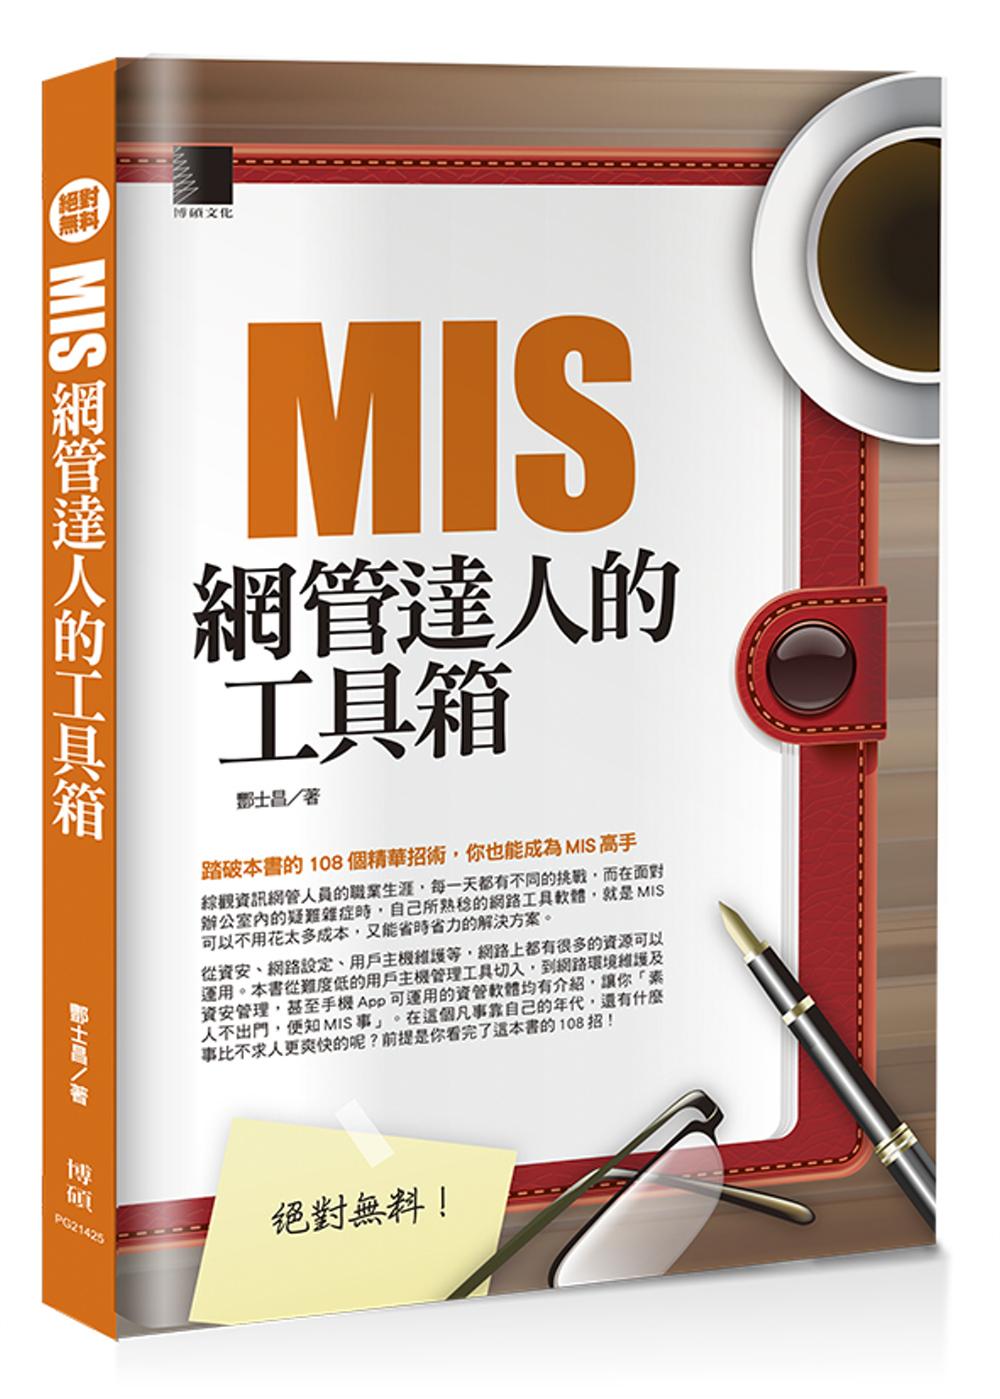 絕對無料:MIS網管達人的工具箱